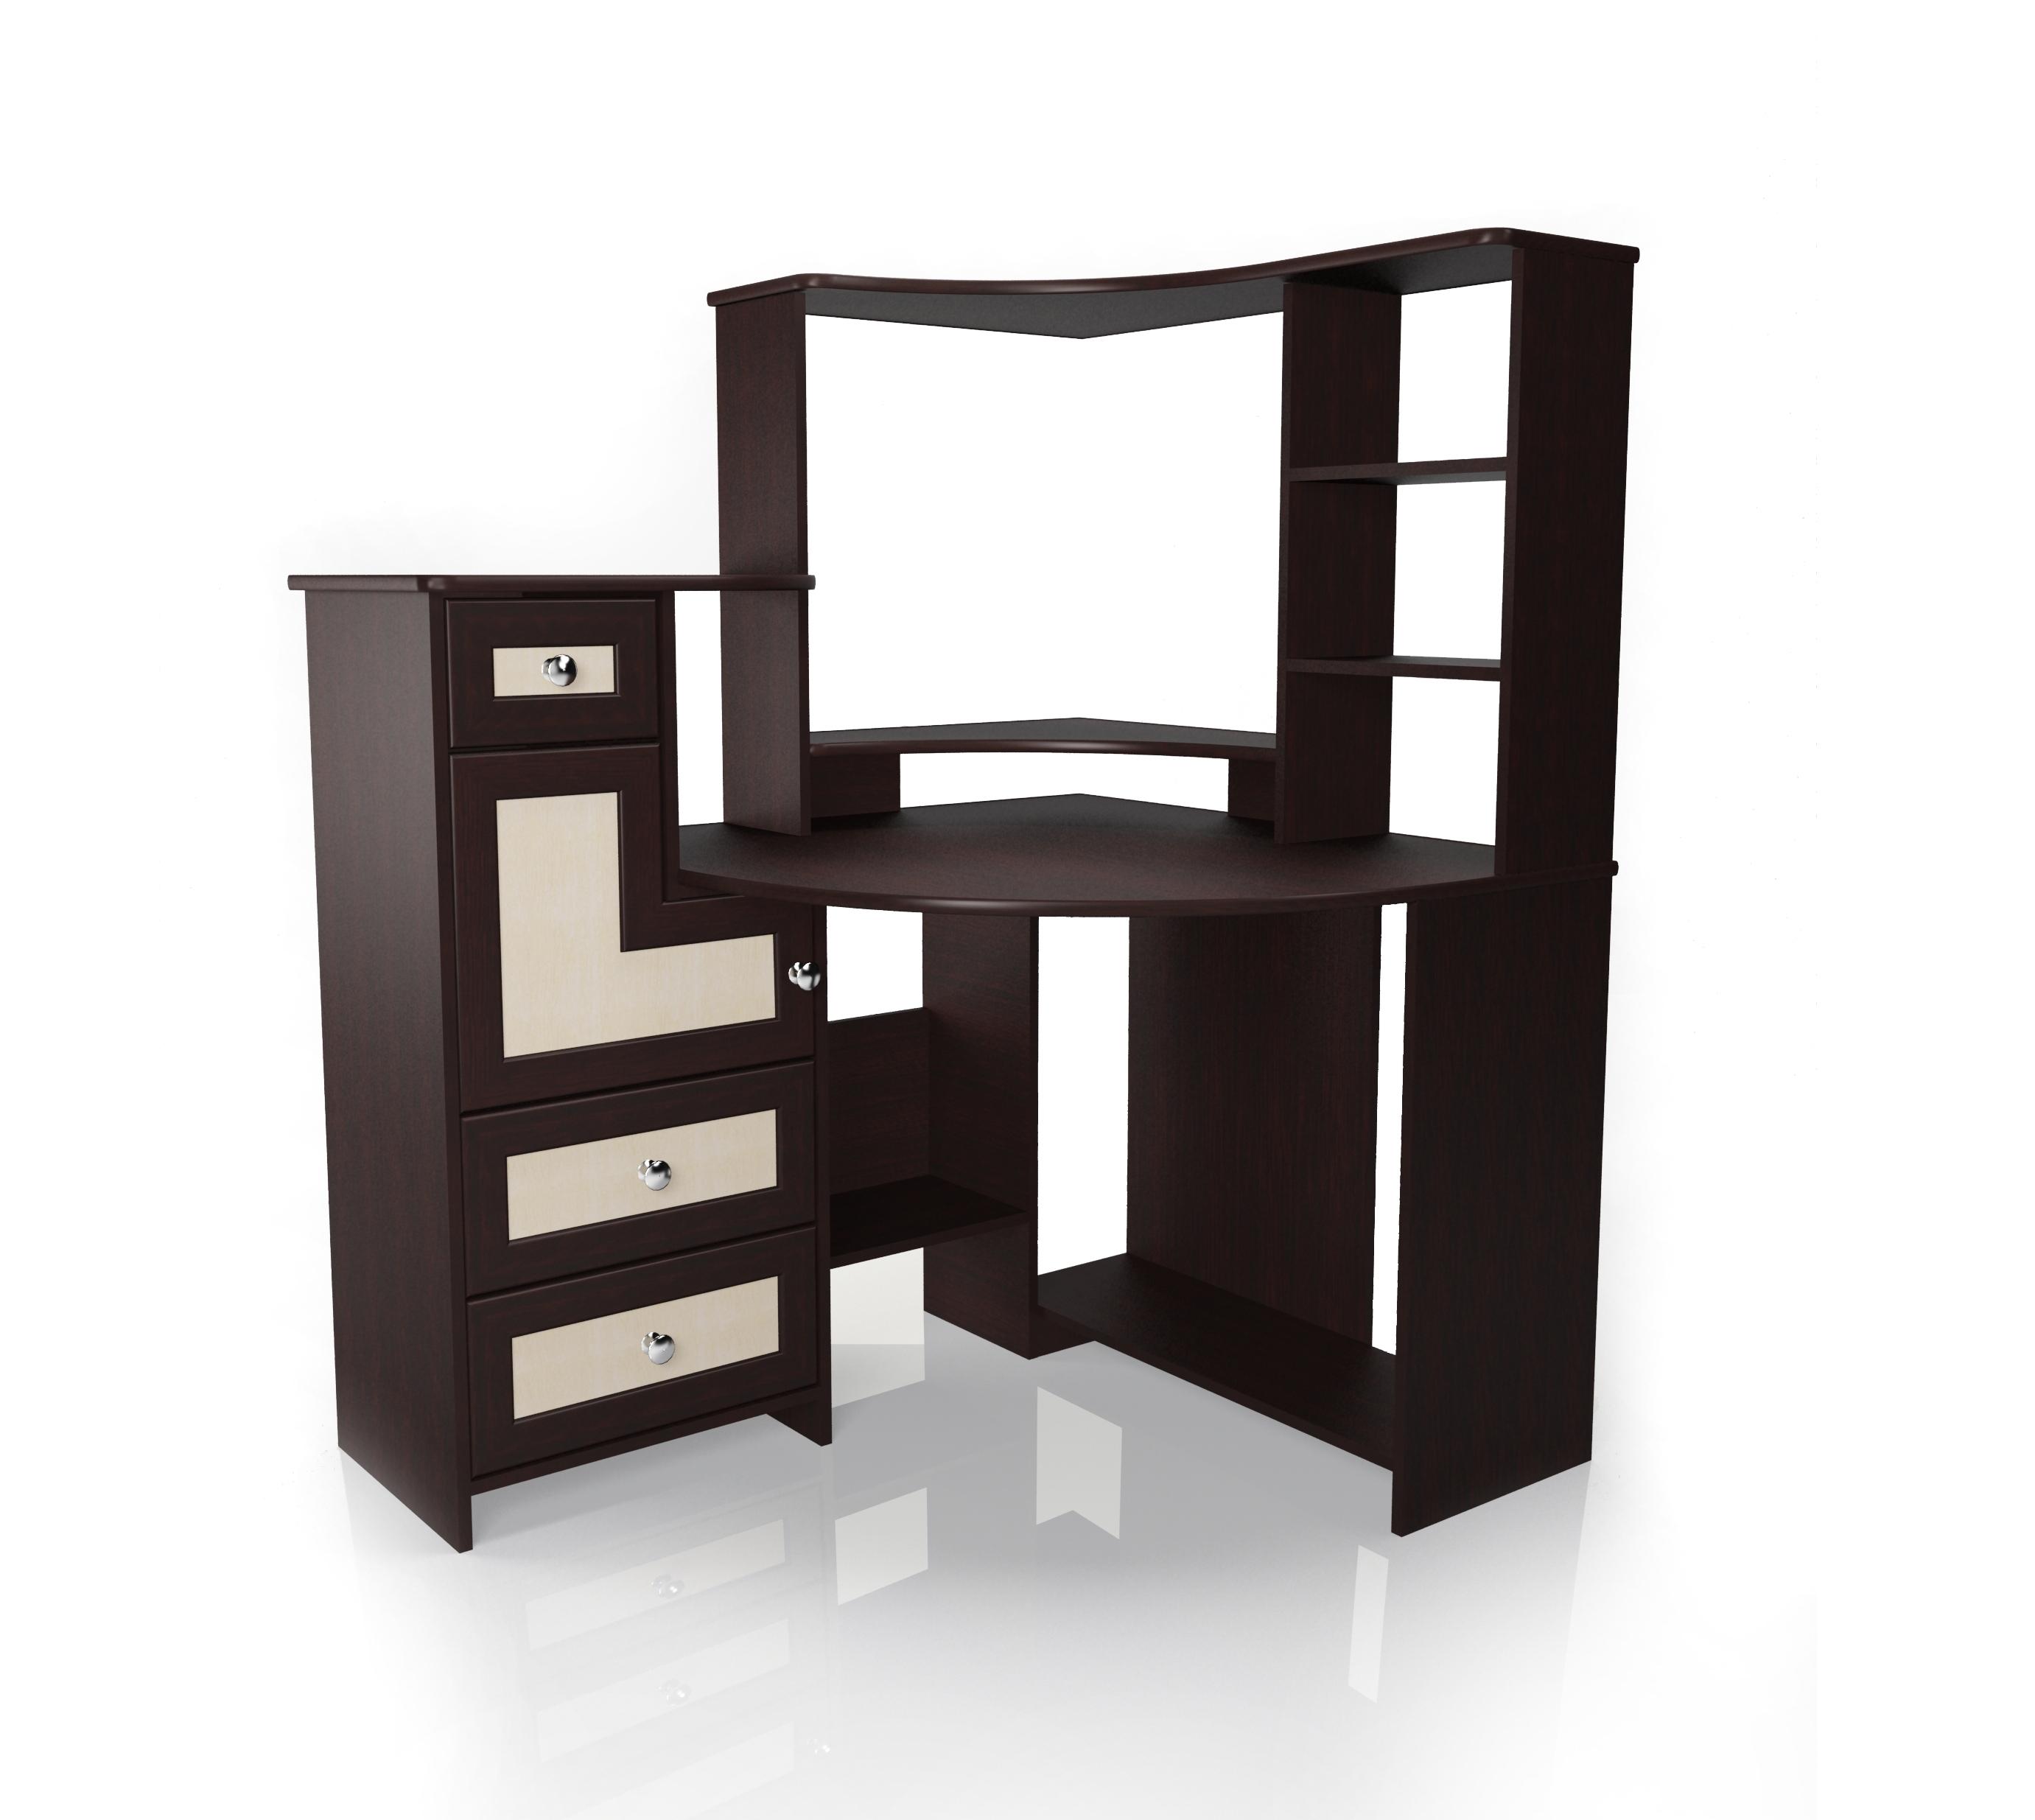 Компьютерный стол Мебелайн-7 радиусный шкаф купе мебелайн 7